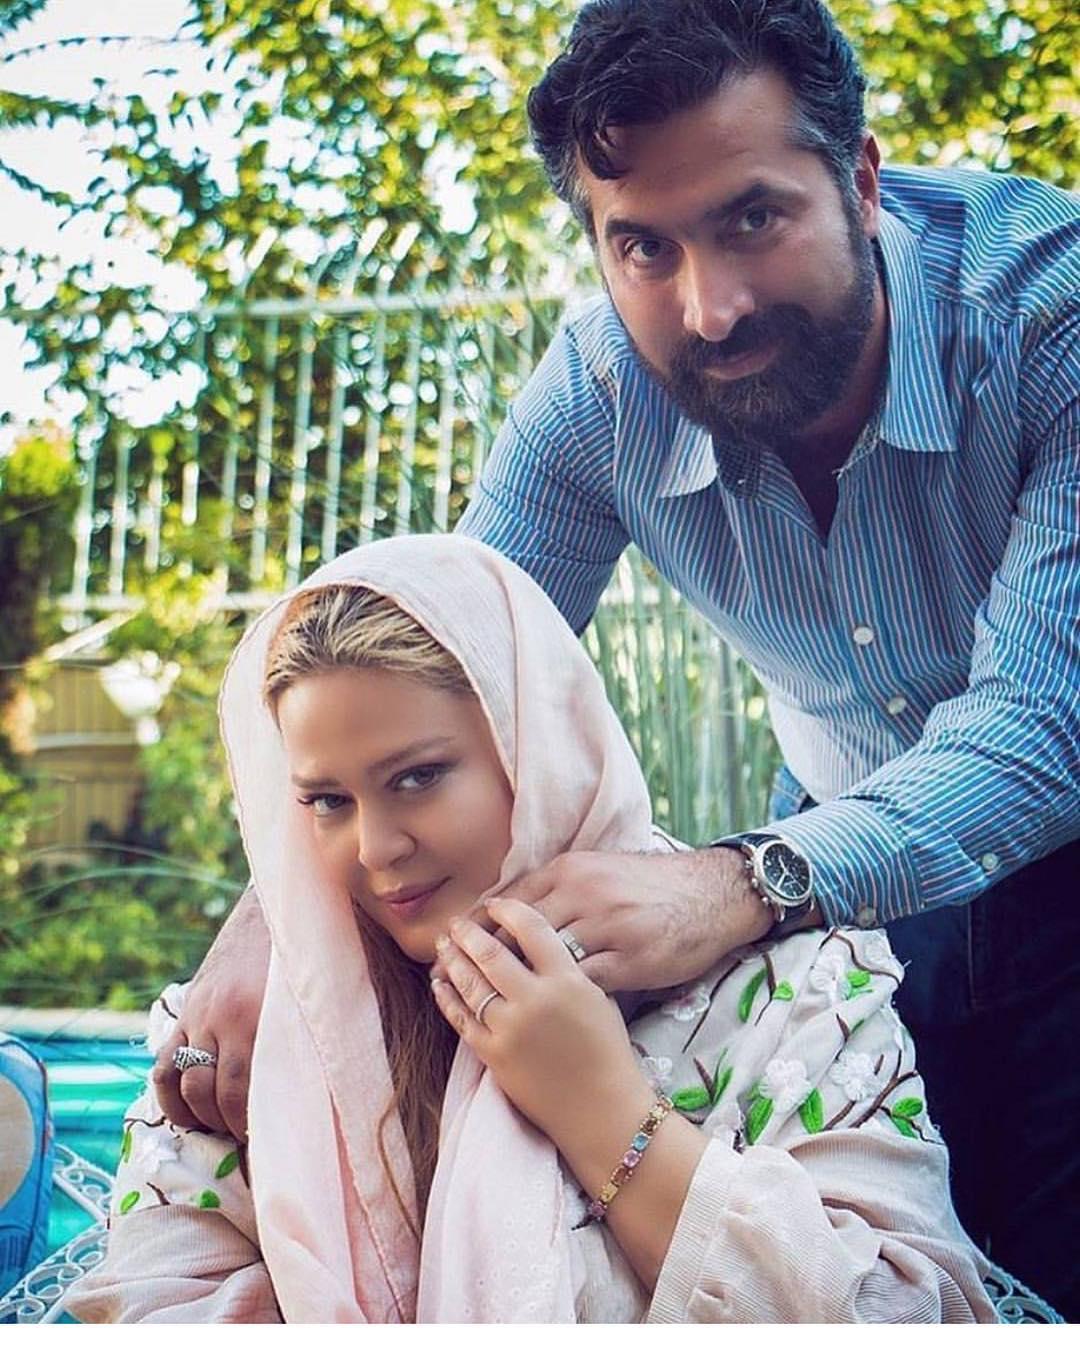 شایعات در مورد همسر بهاره رهنما